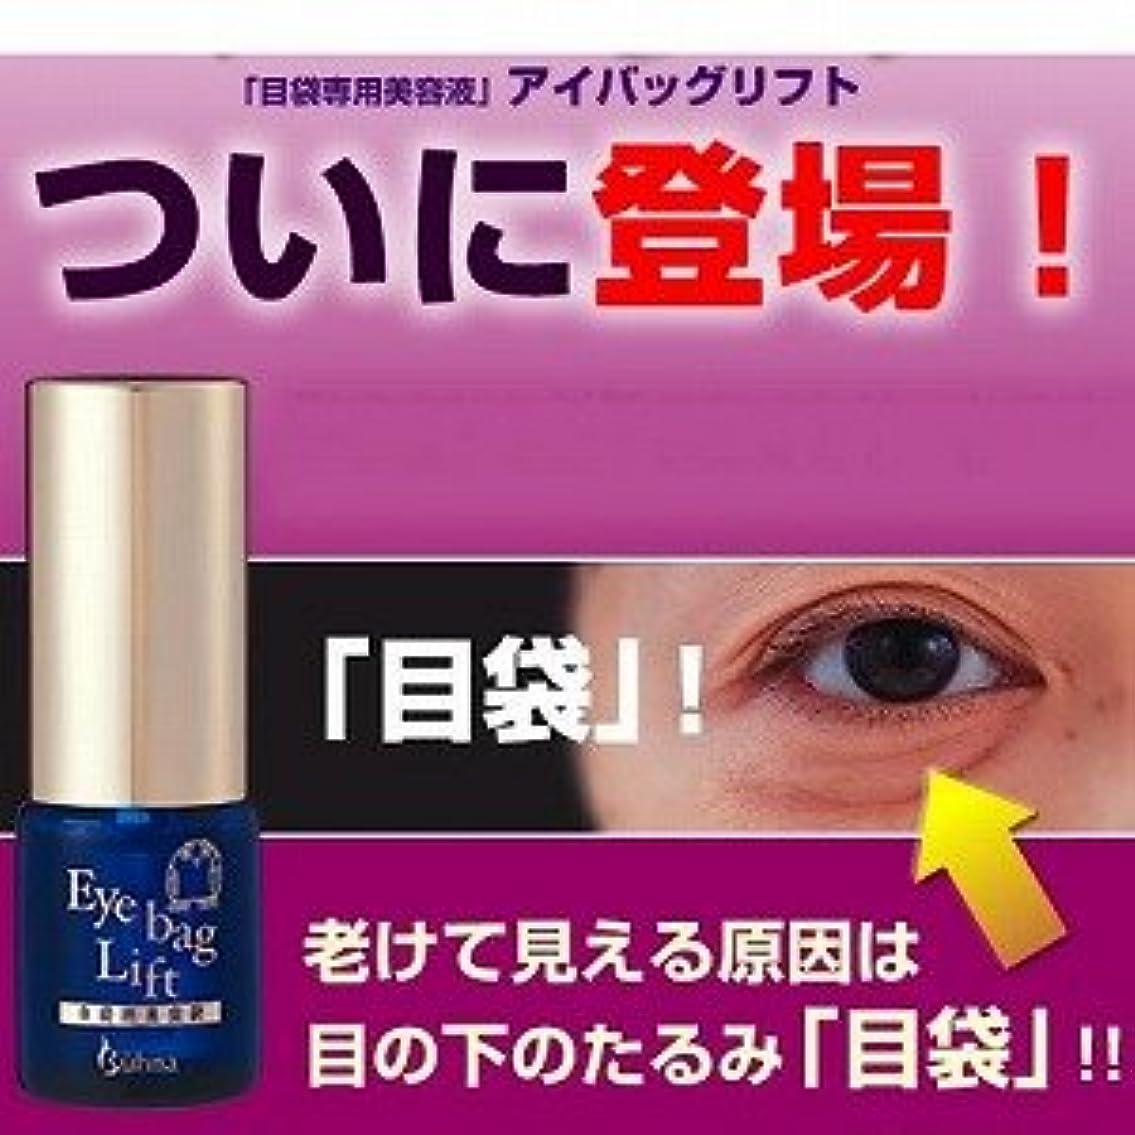 長方形かなりの折老けて見える原因は、目元、目の下のたるみ「目袋」『目袋専用美容液 アイバッグリフト』